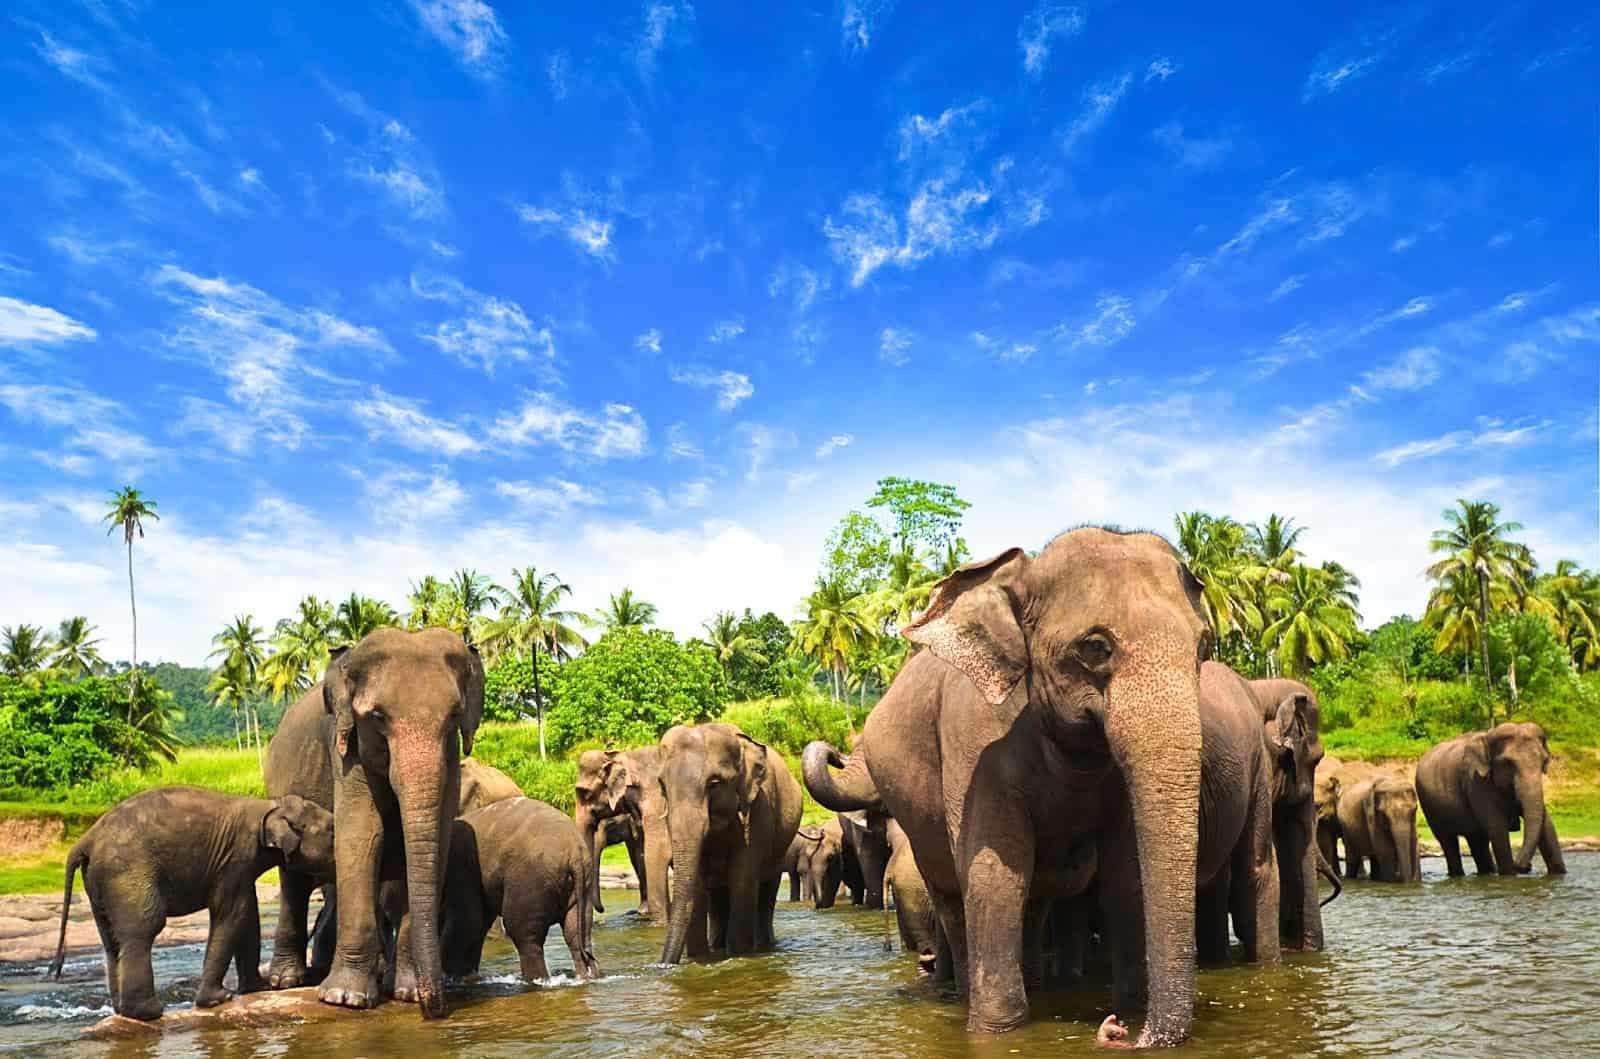 افضل واجمل 5 اماكن سياحية فى سريلانكا